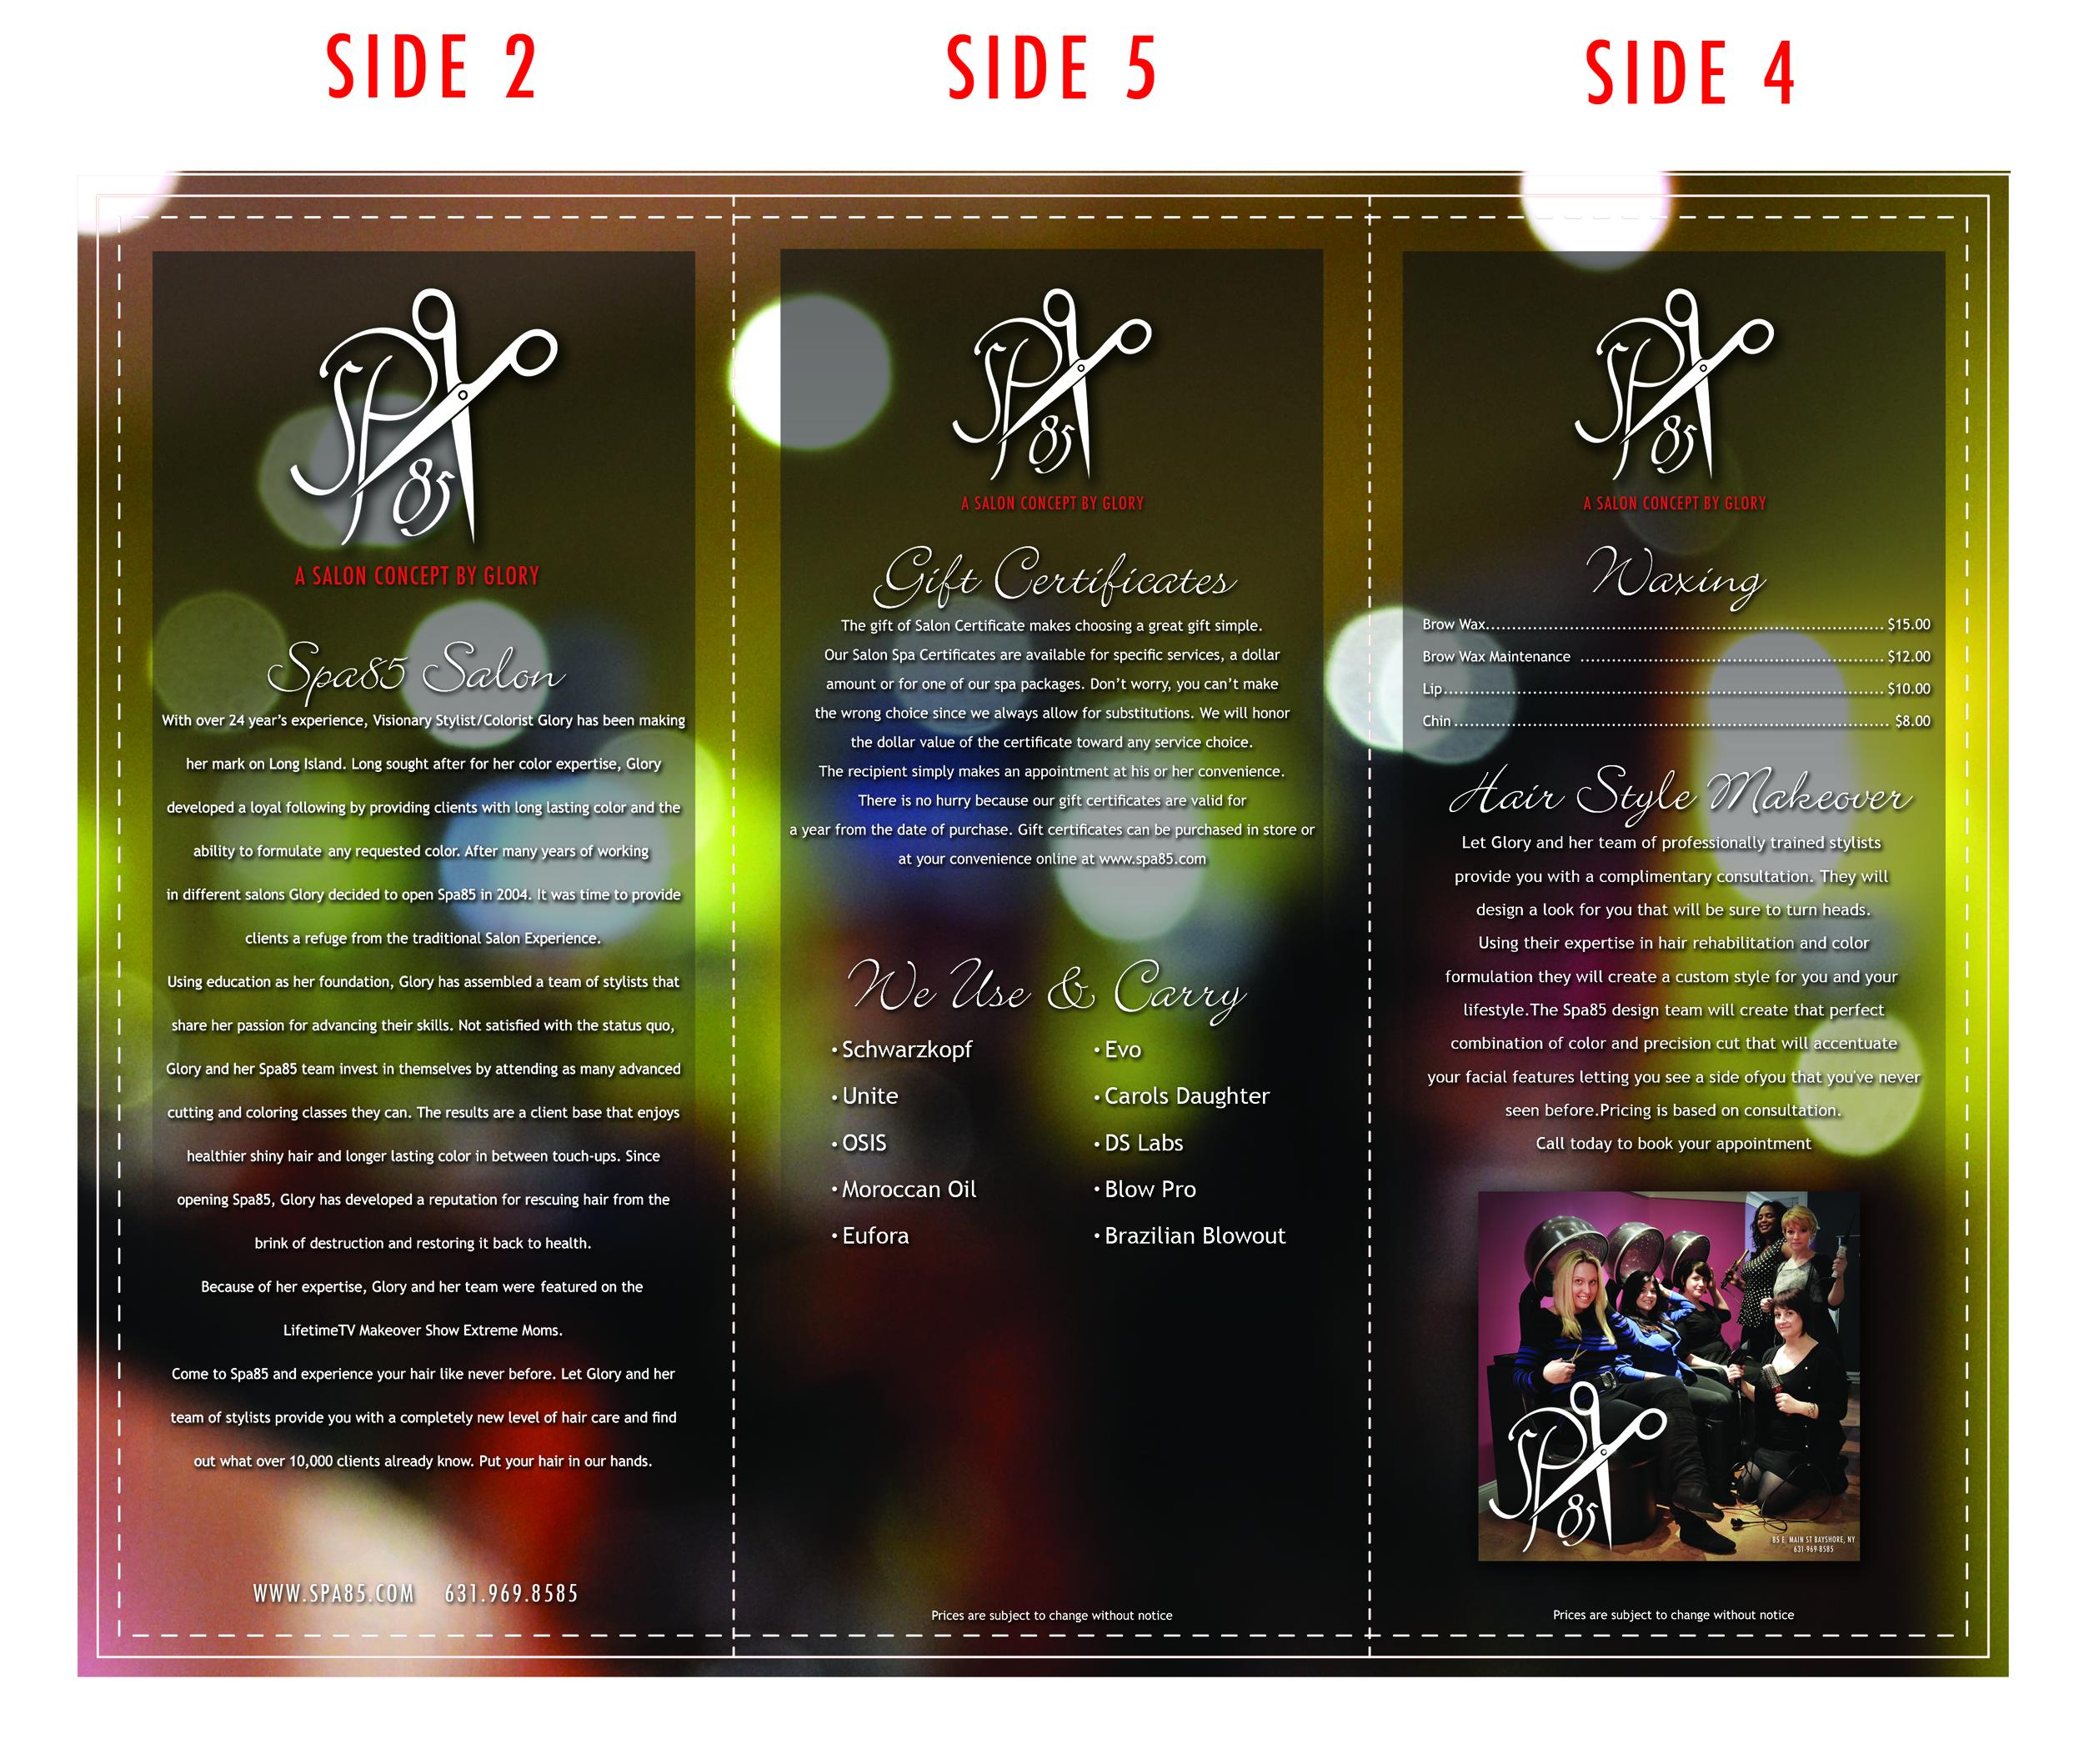 SPA 85 MENU 2014 INNER PAGES.jpg